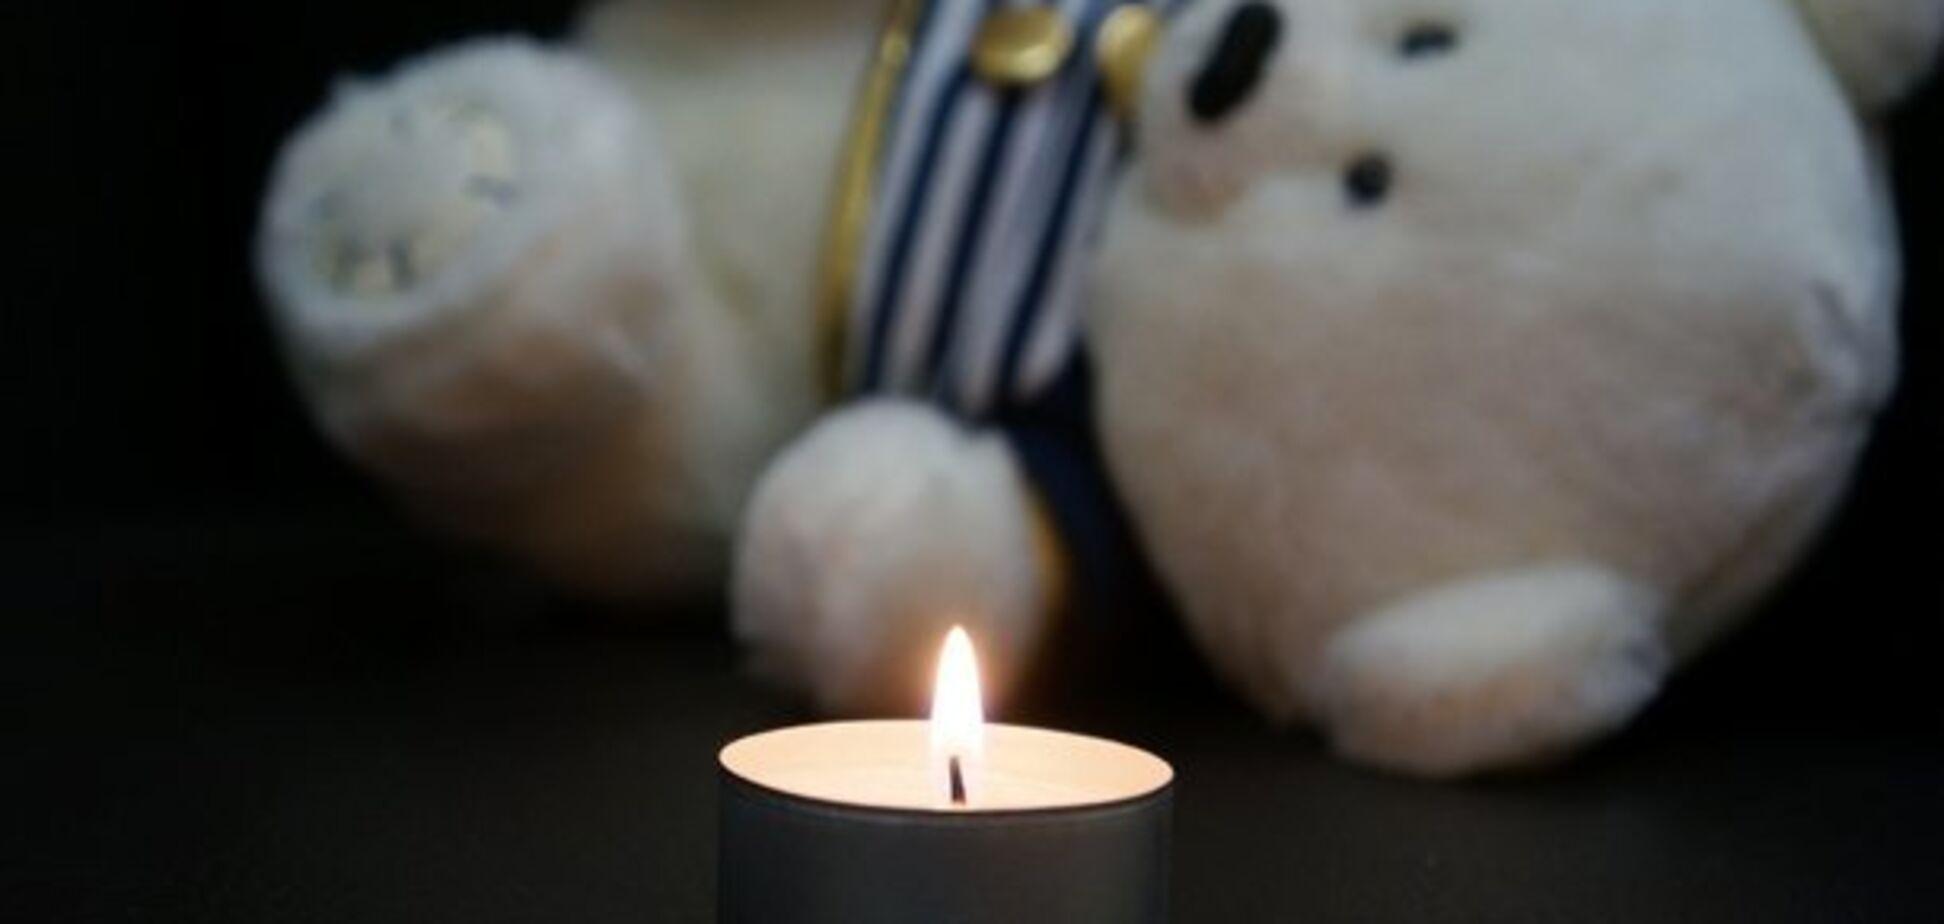 Померла дитина: на Одещині розгорівся скандал через щеплення